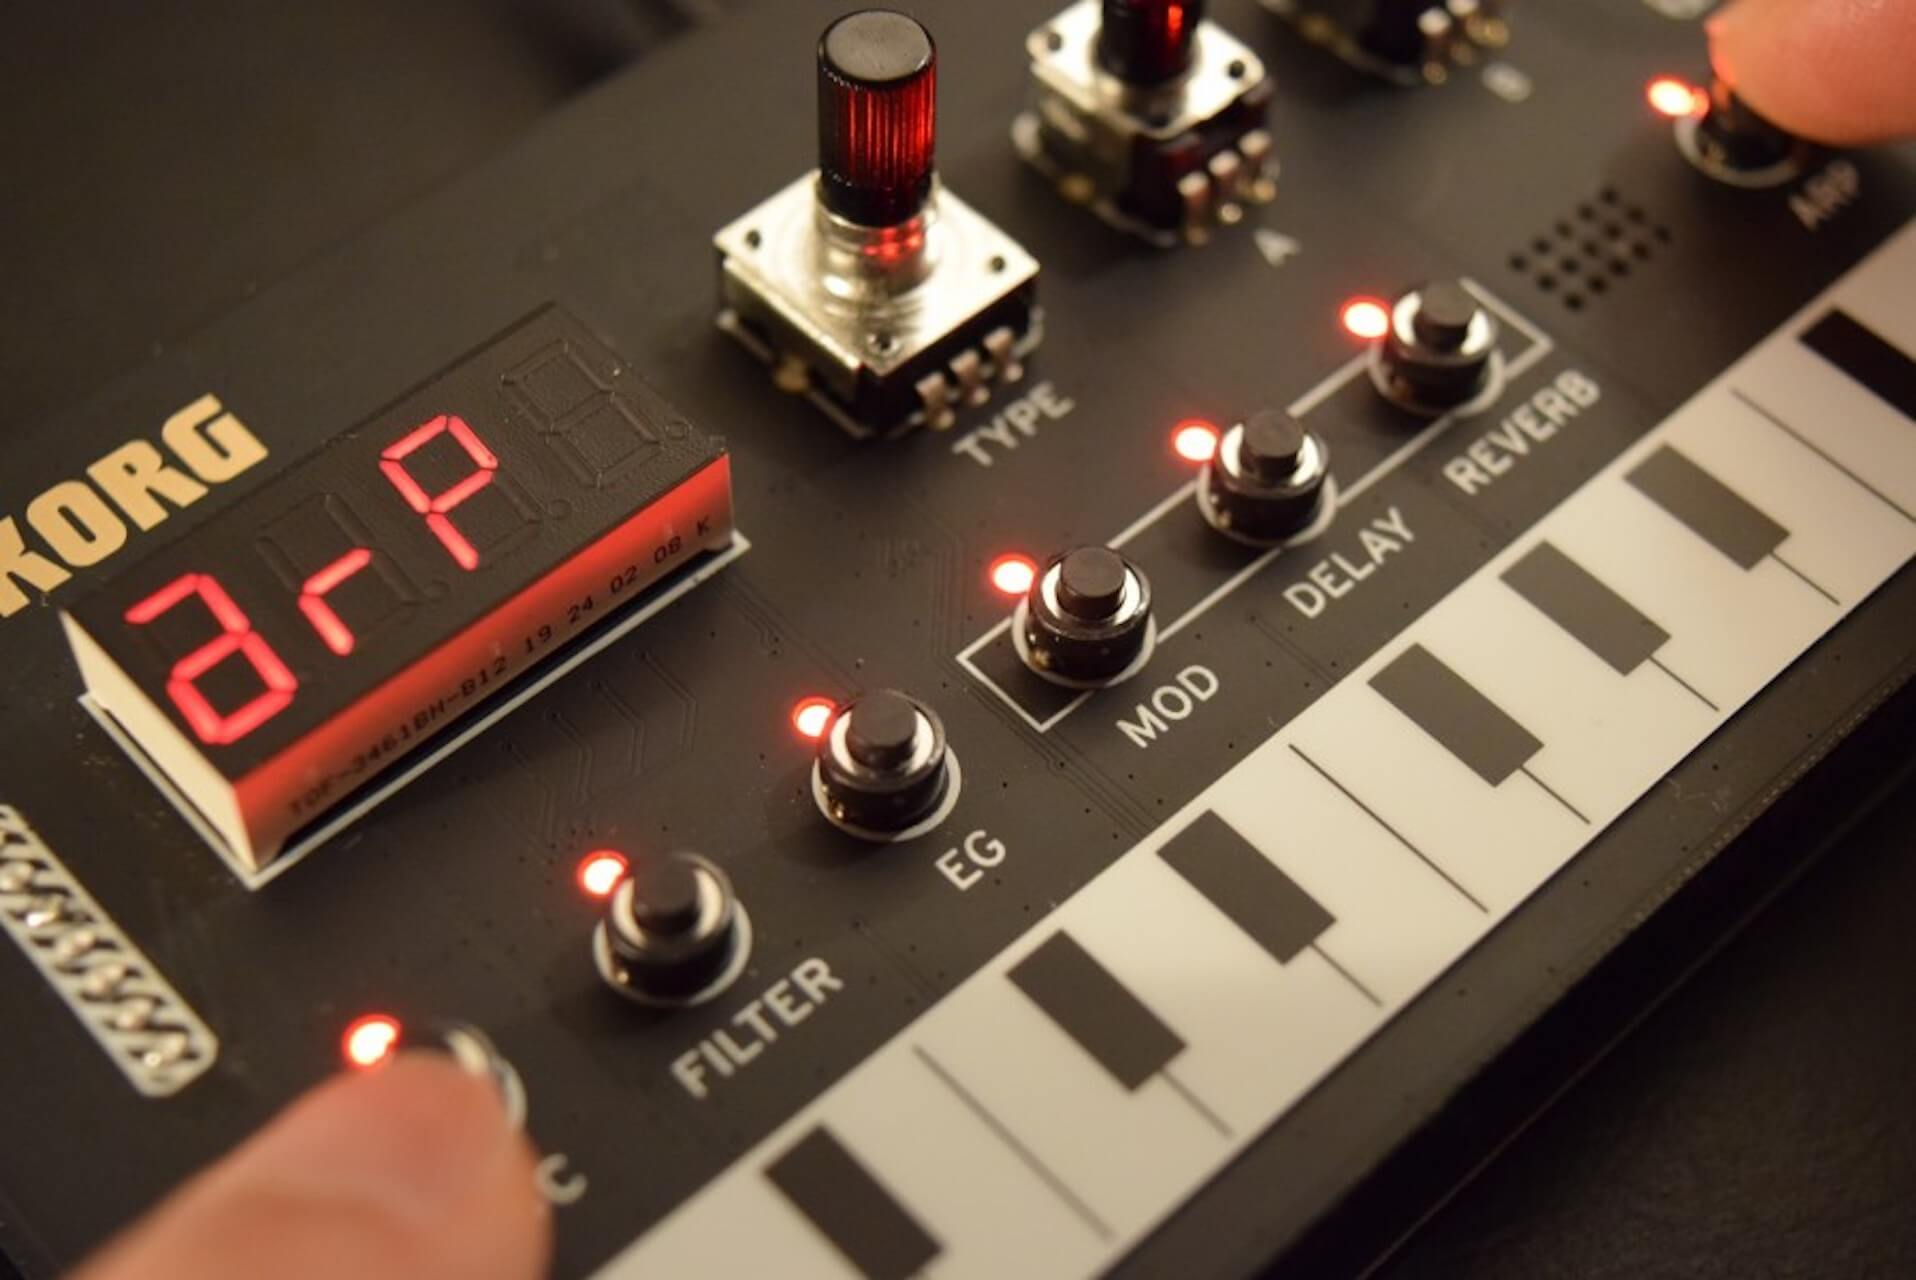 組み立て式DIYシンセ・キット、コルグ『Nu:Tekt NTS-1 Digital Kit』のサウンドと魅力 music200522_10